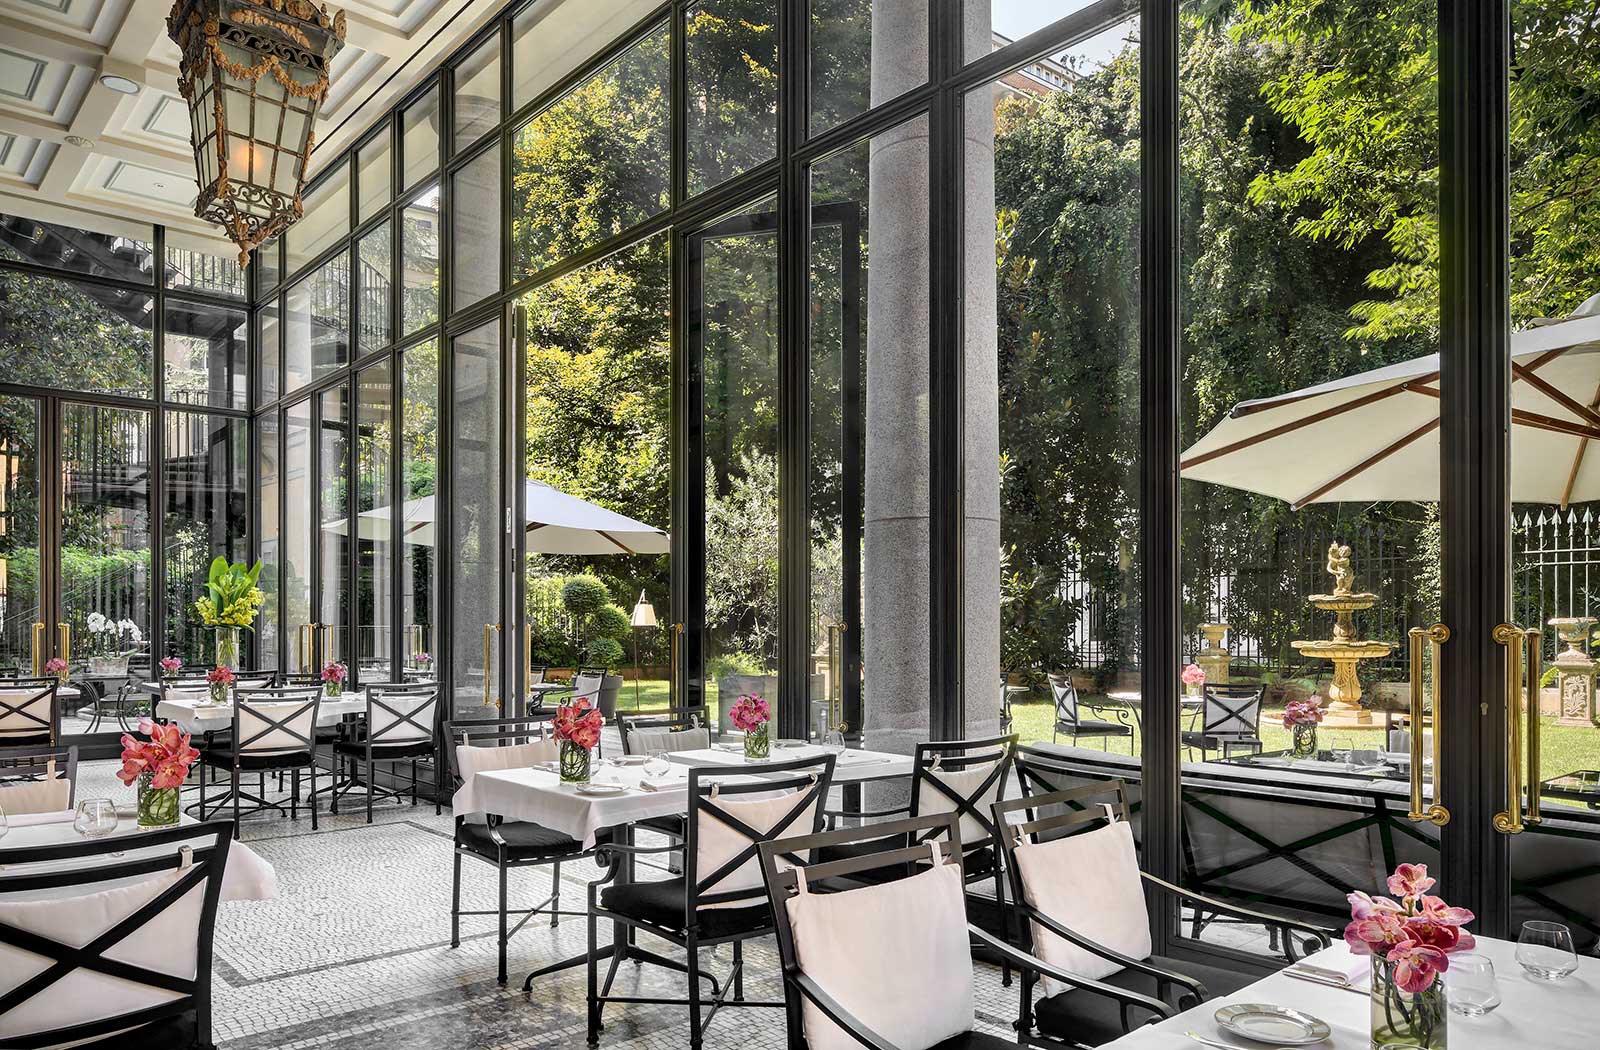 The Vanderlust Palazzo Parigi Milano